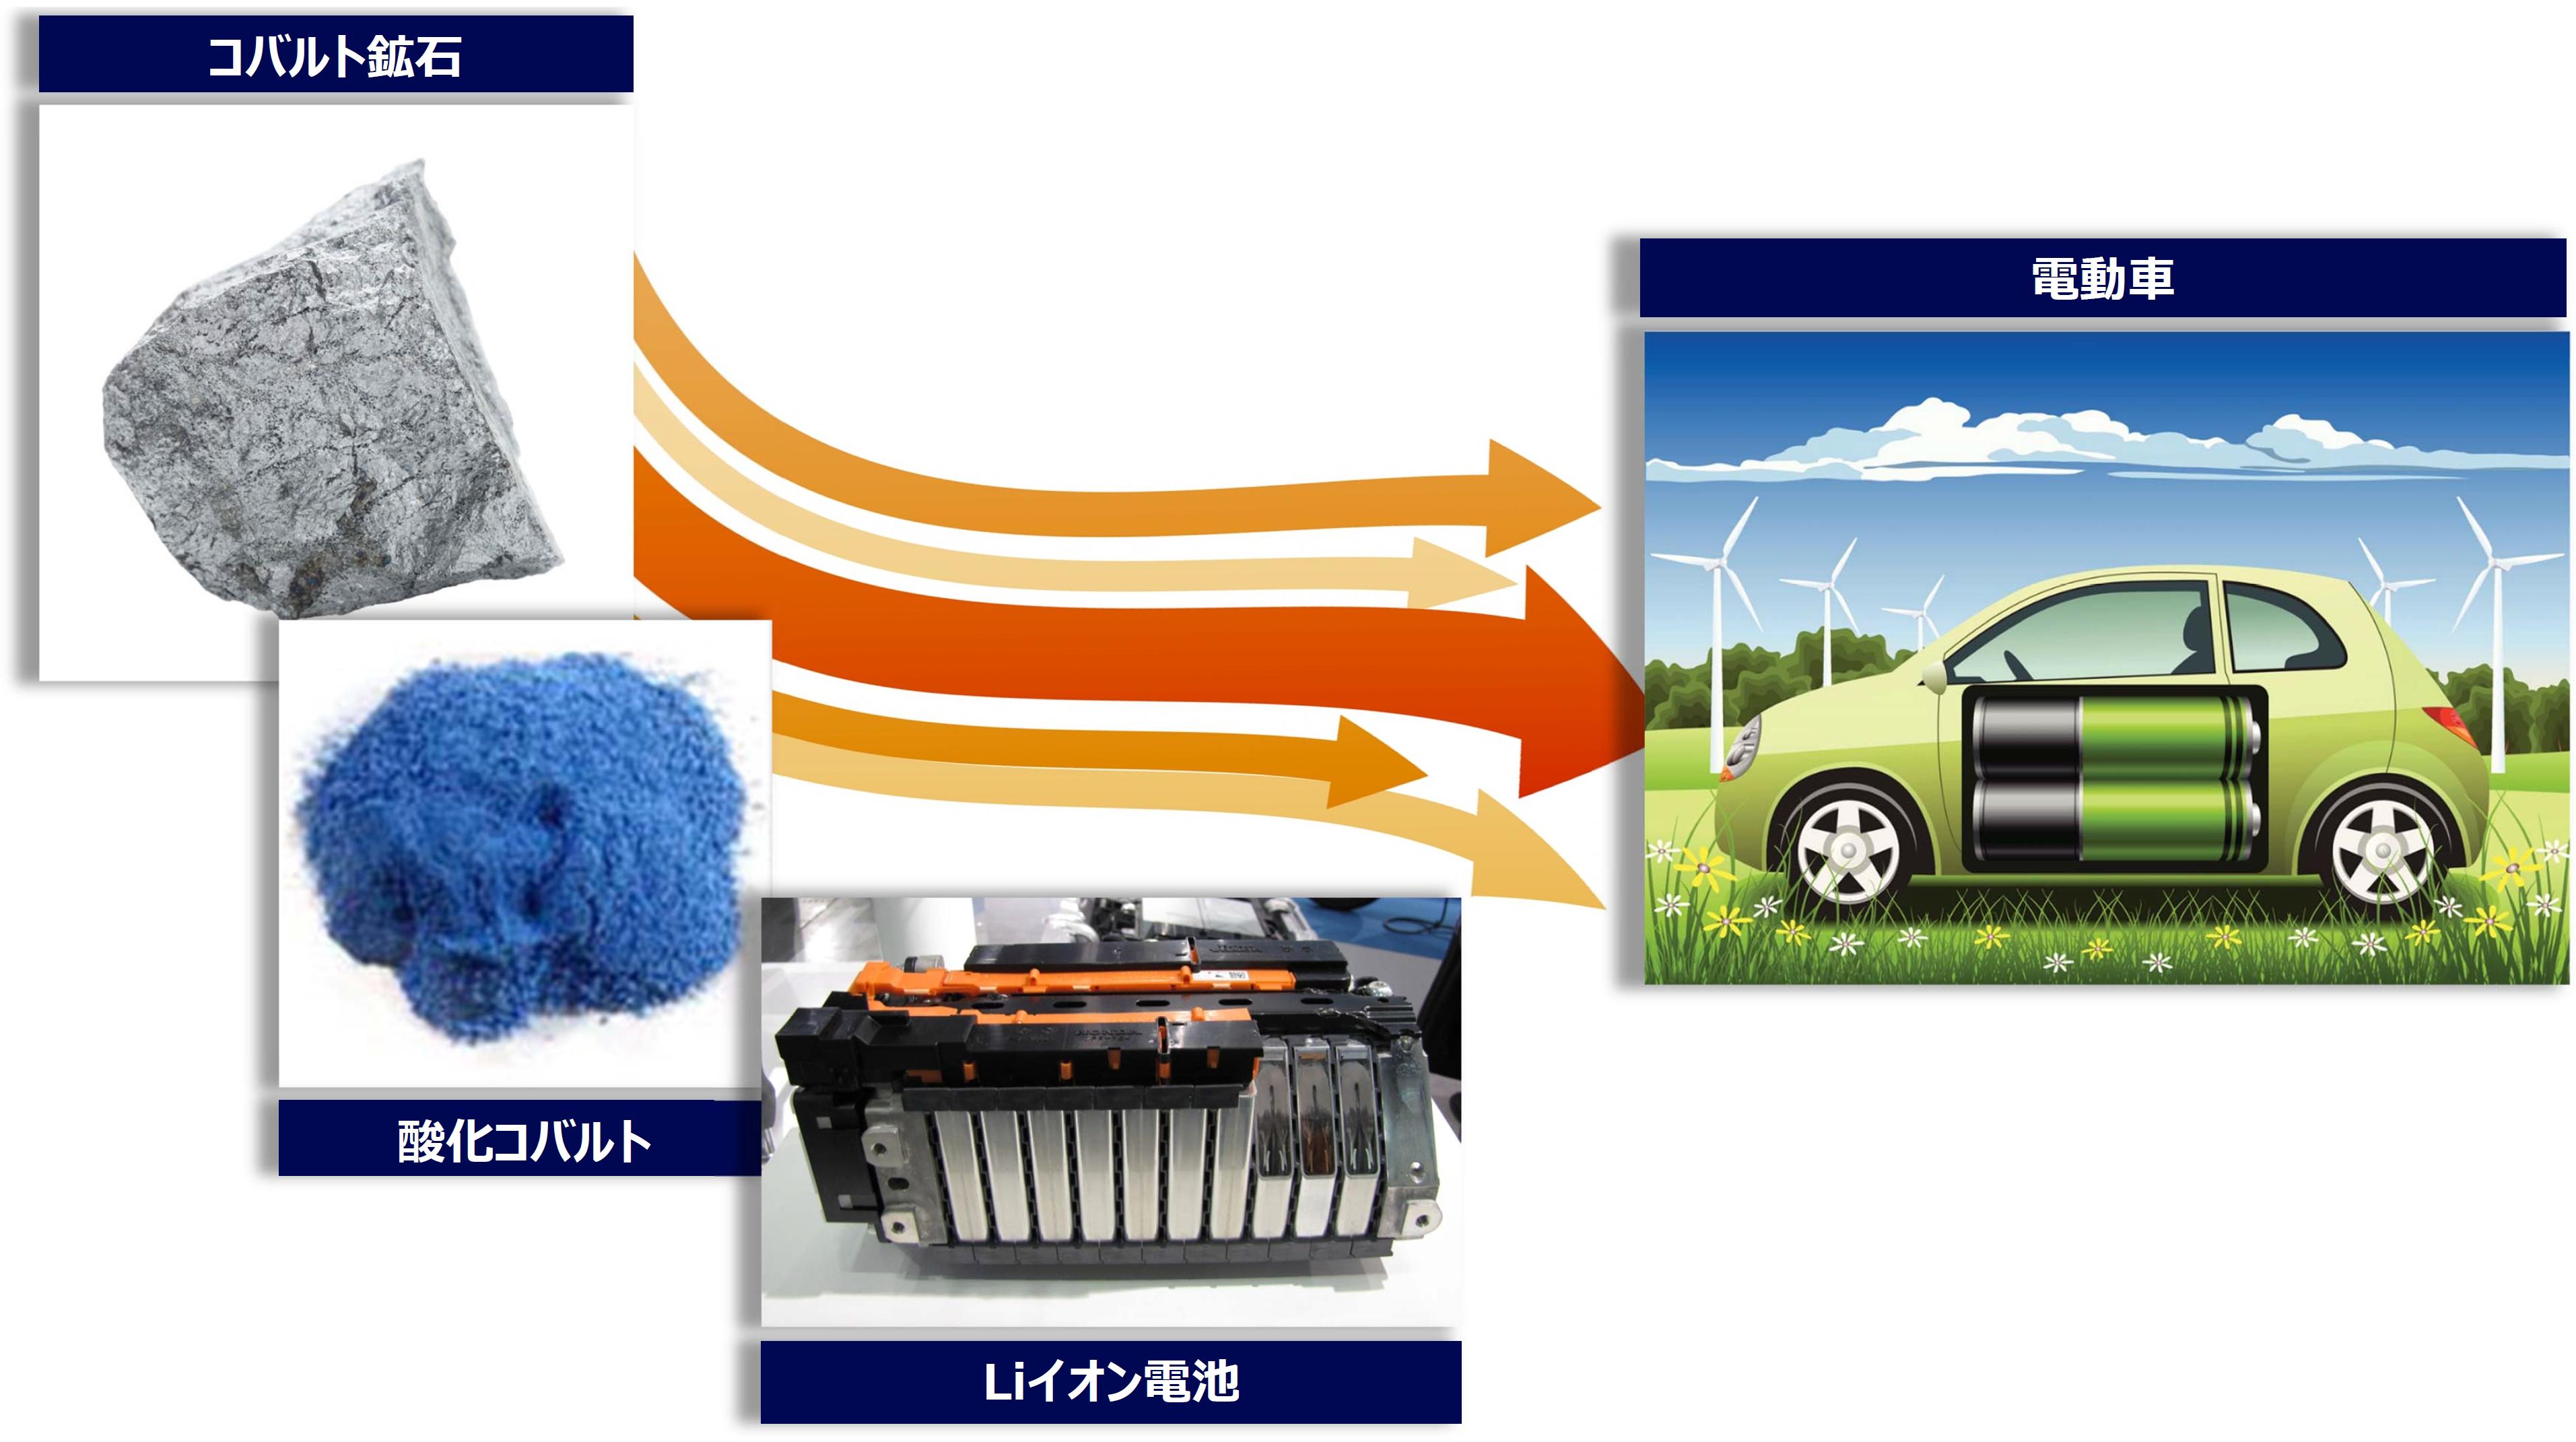 コバルト鉱石から電動車へ、イメージ写真